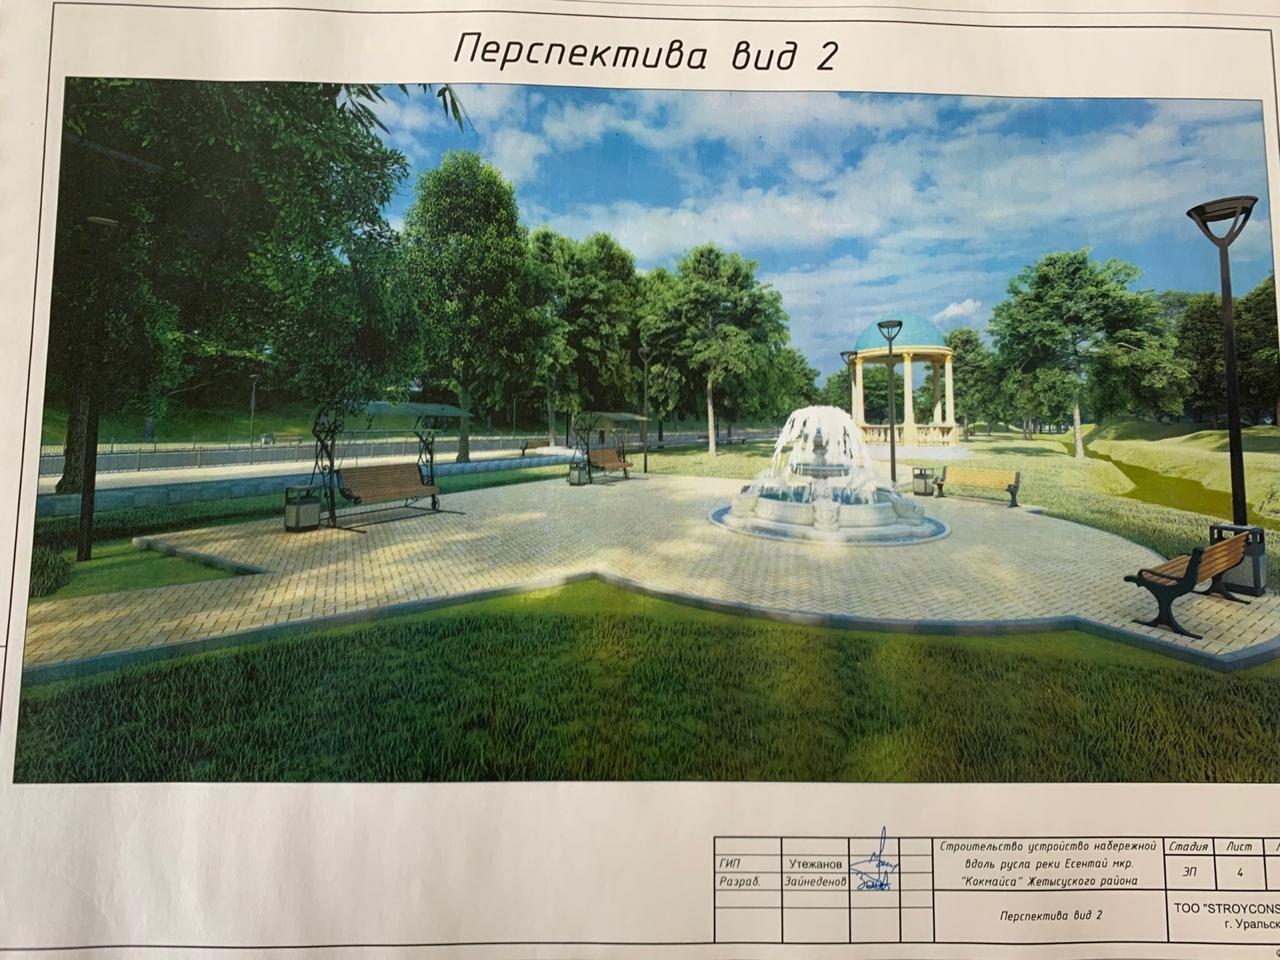 В Жетысуском районе Алматы планируют построить парковую зону вдоль набережной реки Есентай, фото-13